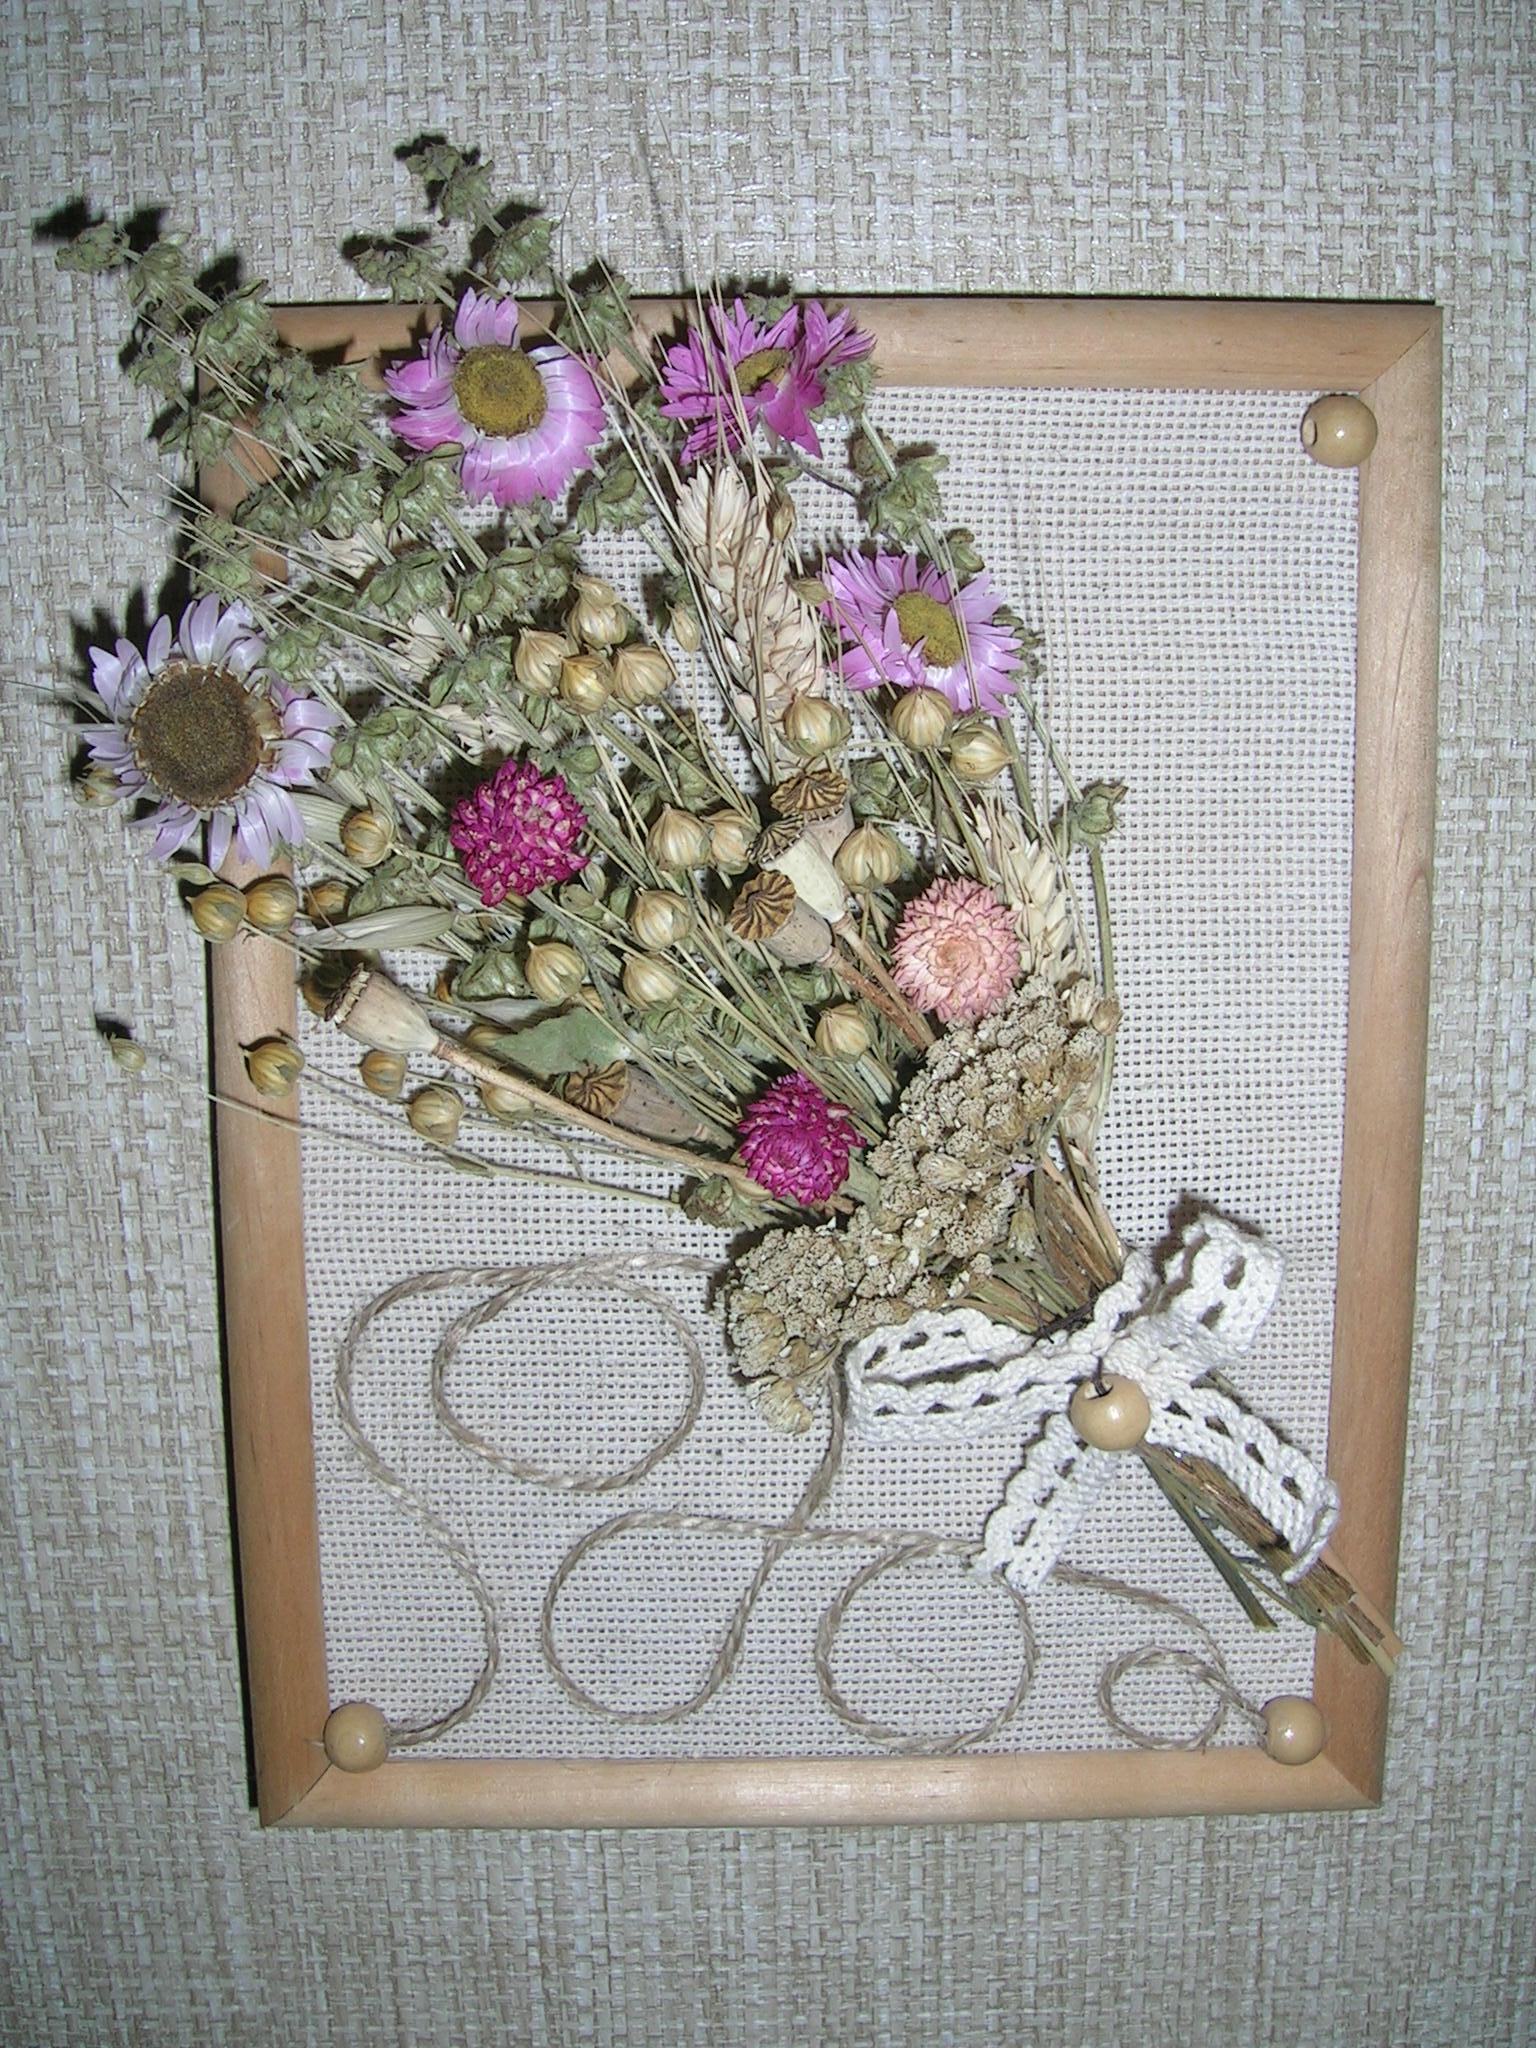 Поделки из живых и сухих цветов: картины, игрушки и бижутерия